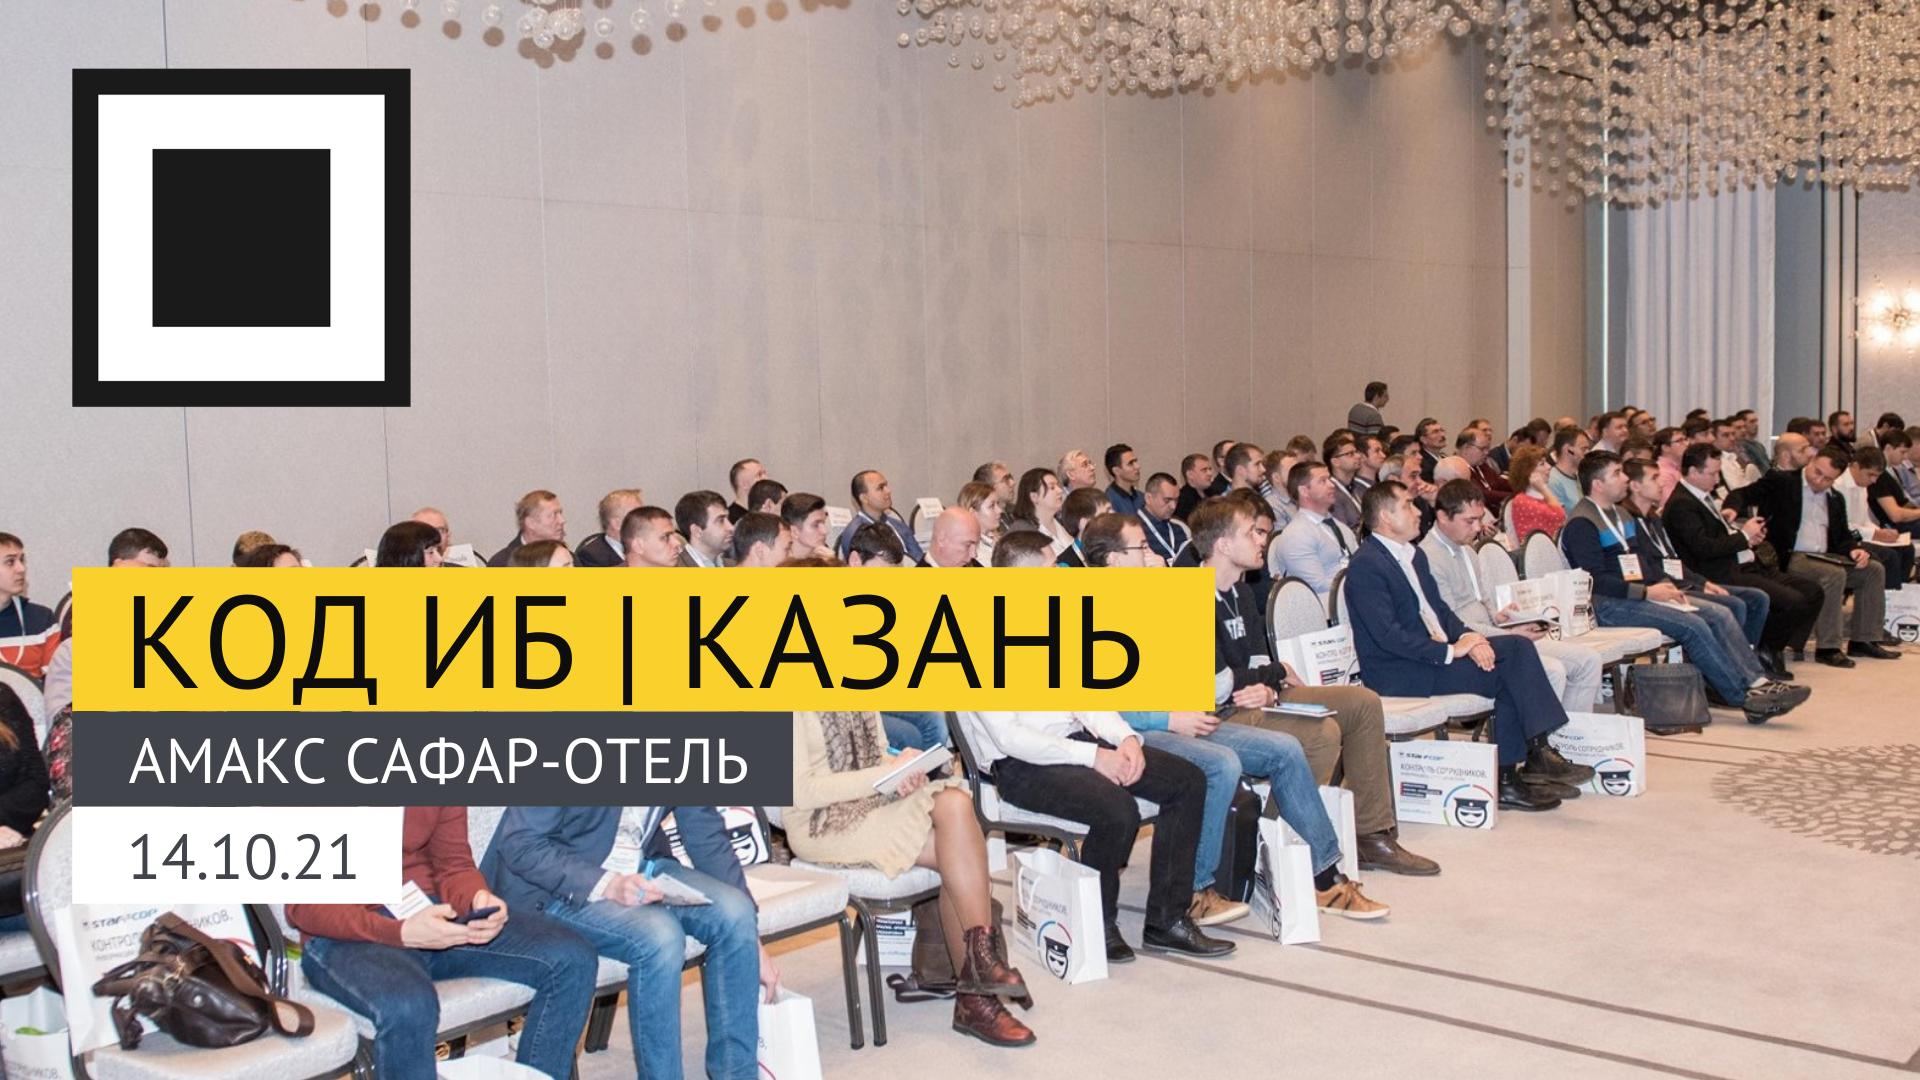 Код ИБ вновь едет в столицу Татарстана